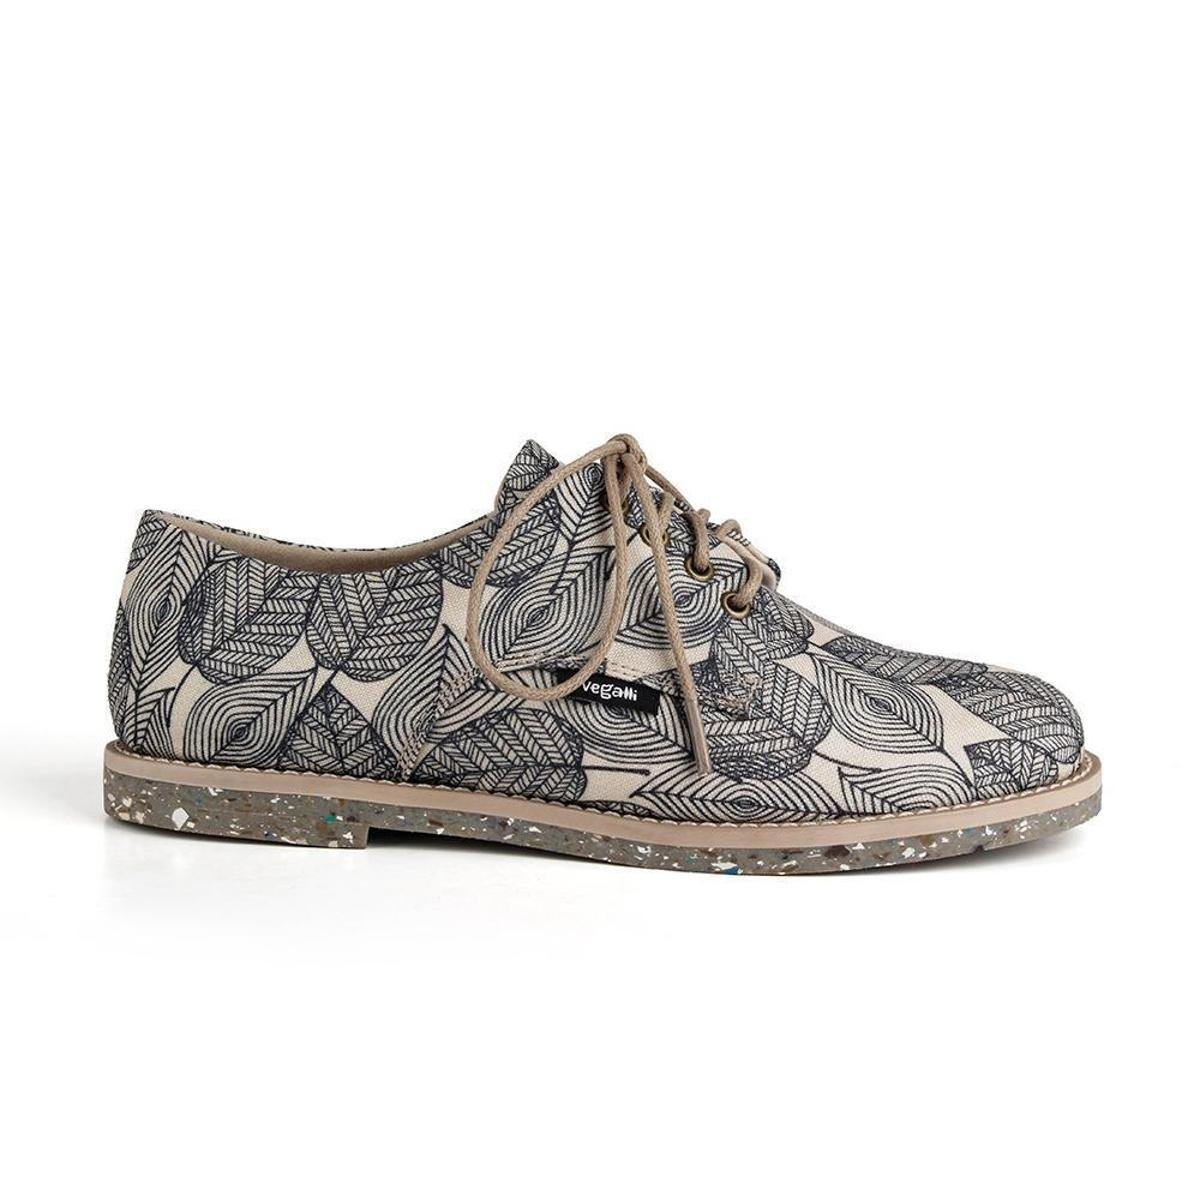 Sapato Oxford Feminino Vegano Estampado Tropical Conforto - Branco e Preto